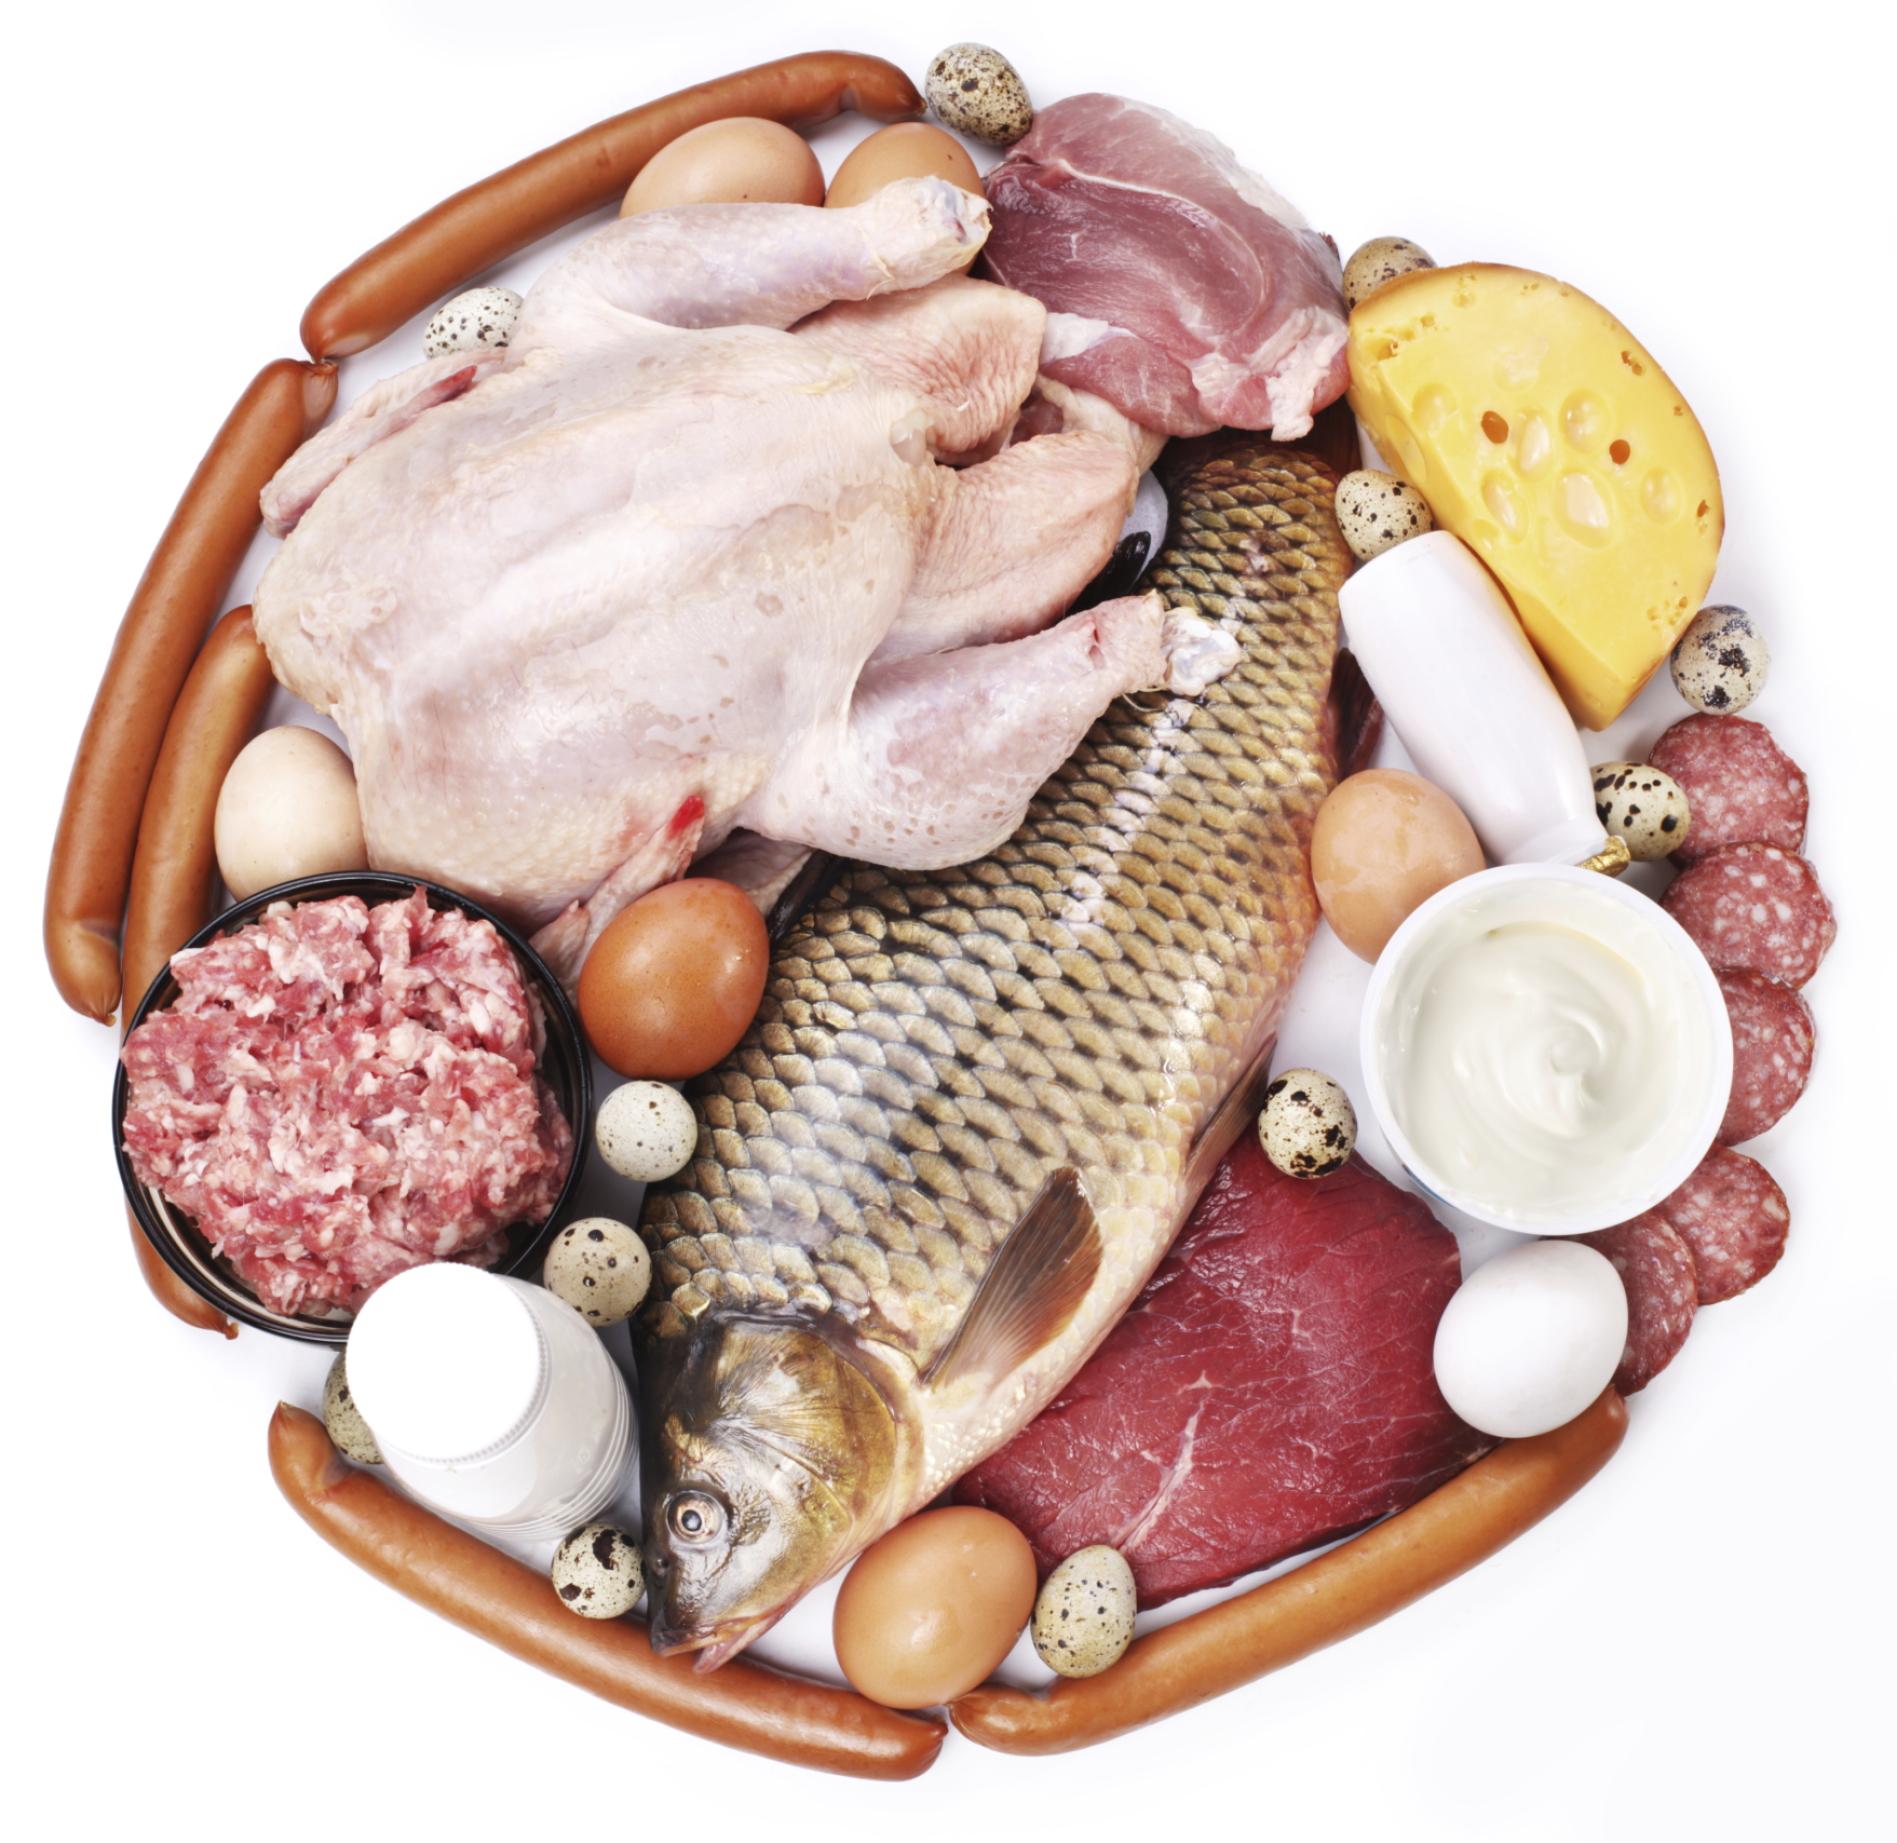 какие продукты сжигают жиры и ускоряют